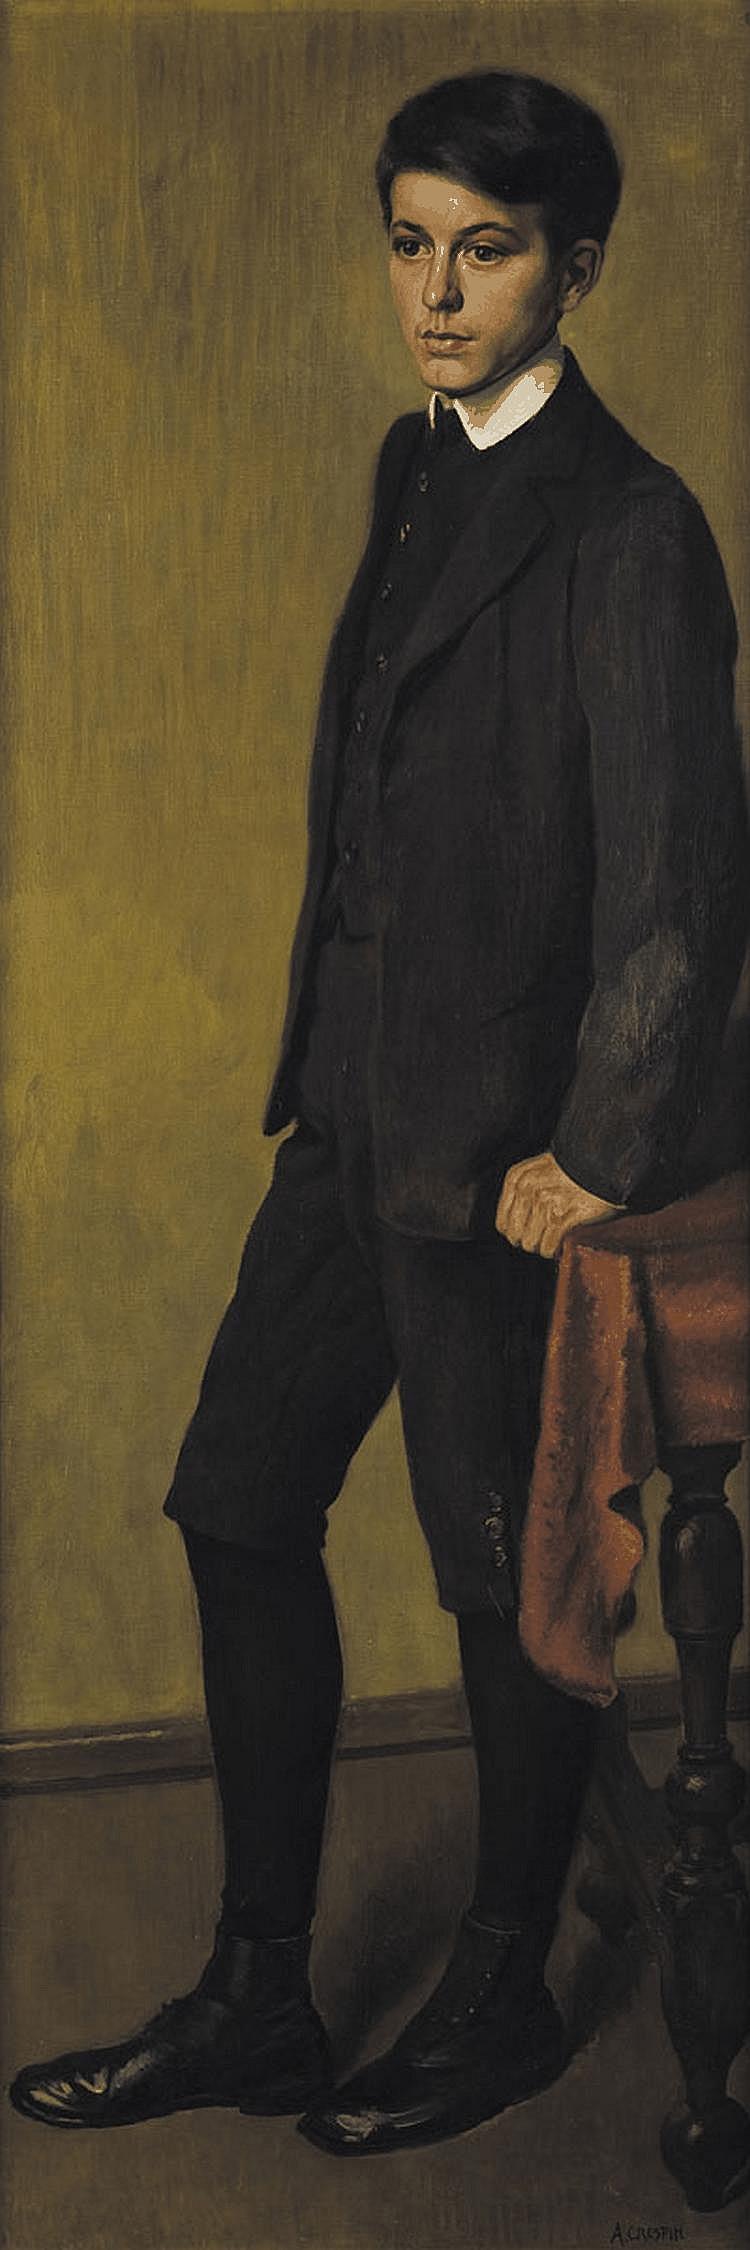 ADOLPHE CRESPIN (1851-1944) Portrait de jeune homme (le fils du peintre) Huile sur toile Signée en bas à droite H_170 cm L_50 cm...